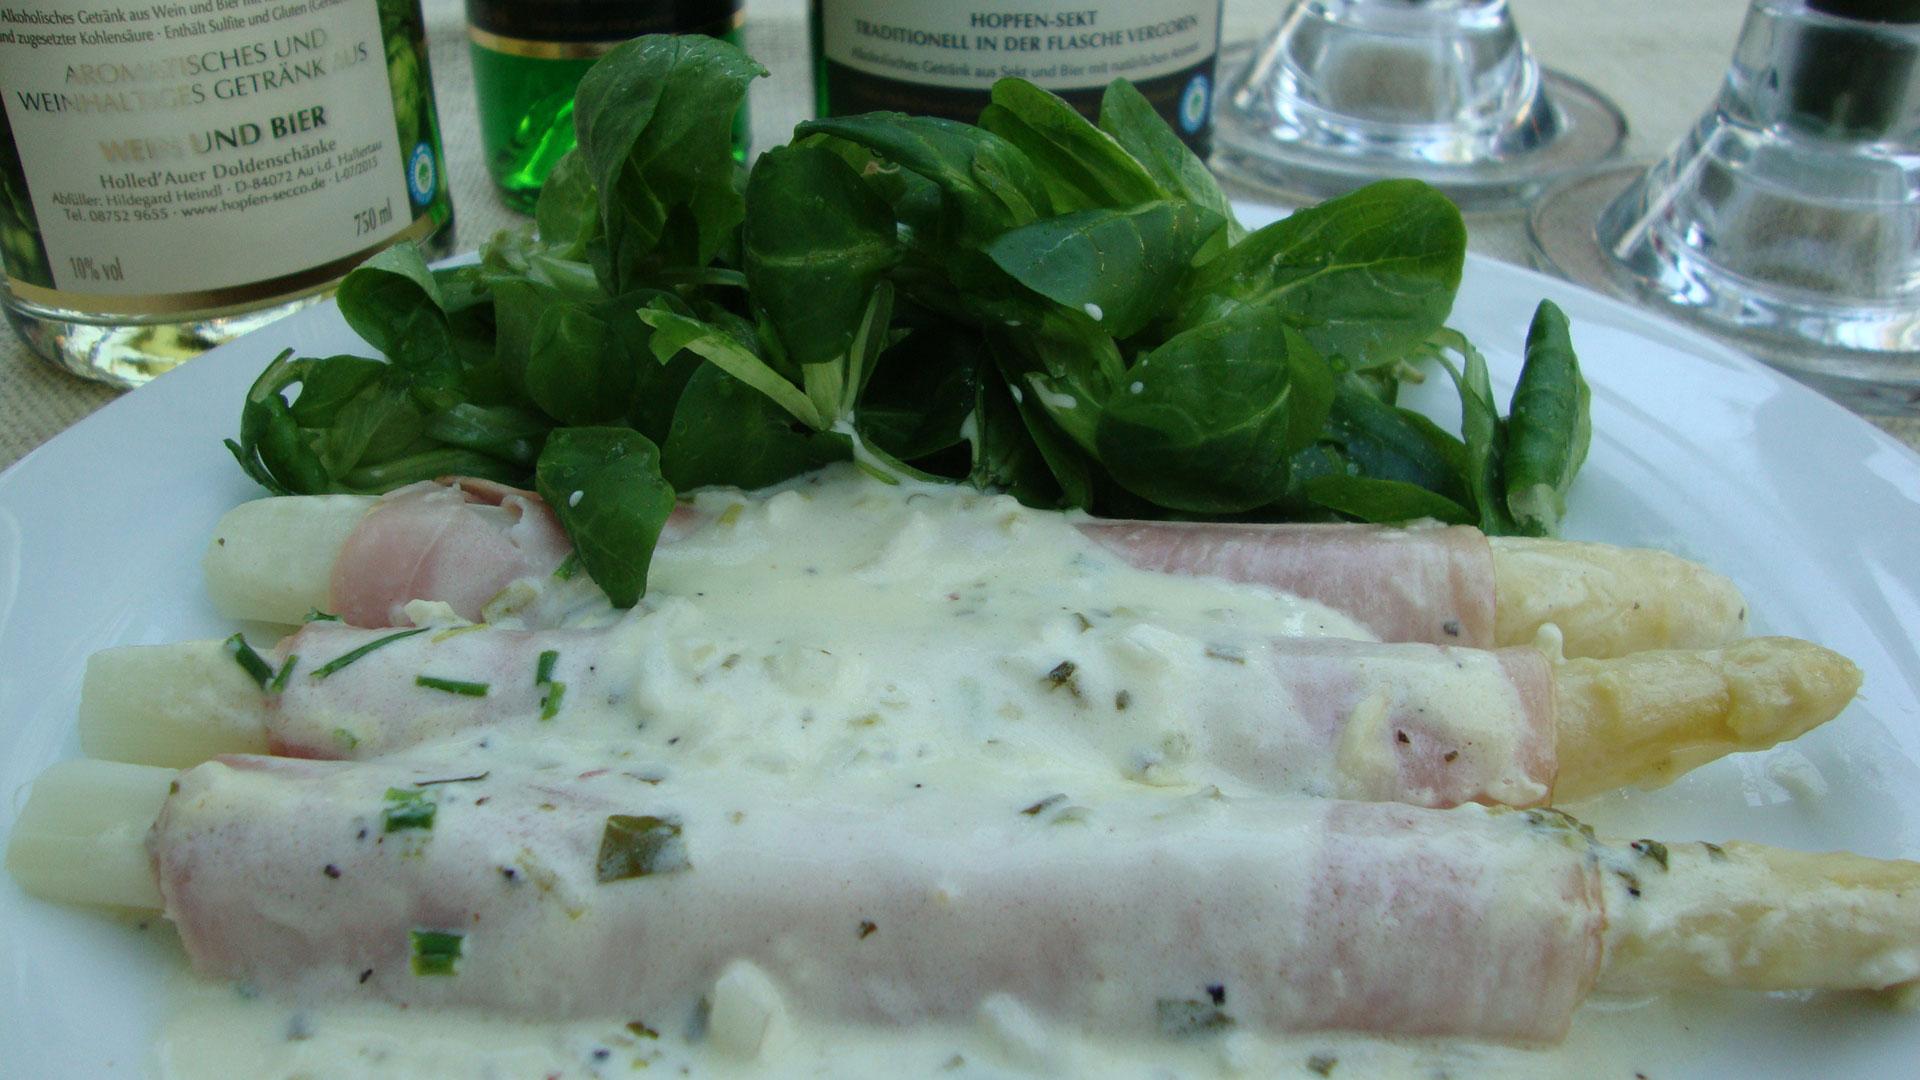 Spargel mit Hopfen-Secco-Soße, Salzkartoffeln und Feldsalat